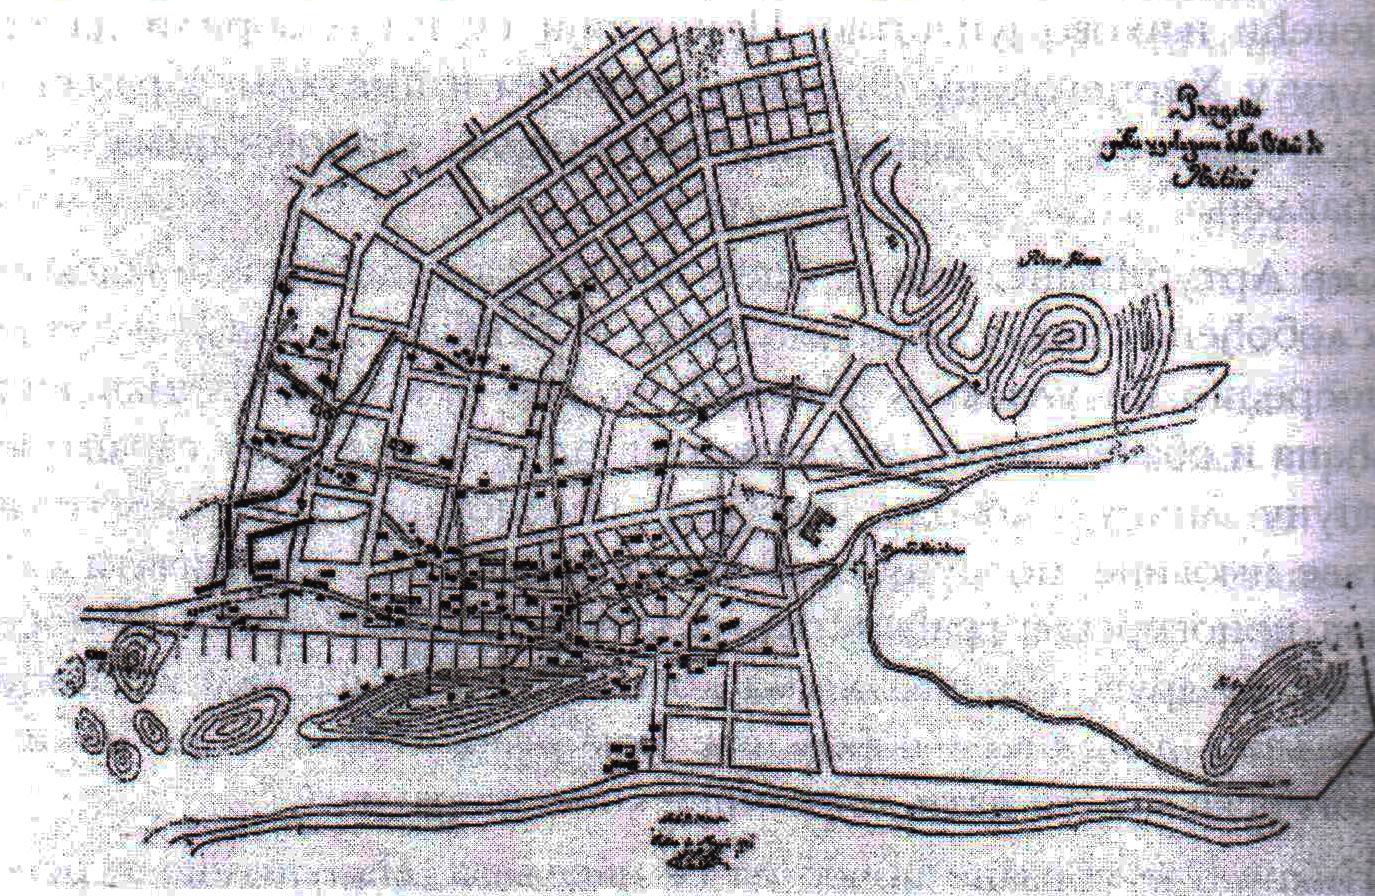 Svaki drevni grad je posebna priča